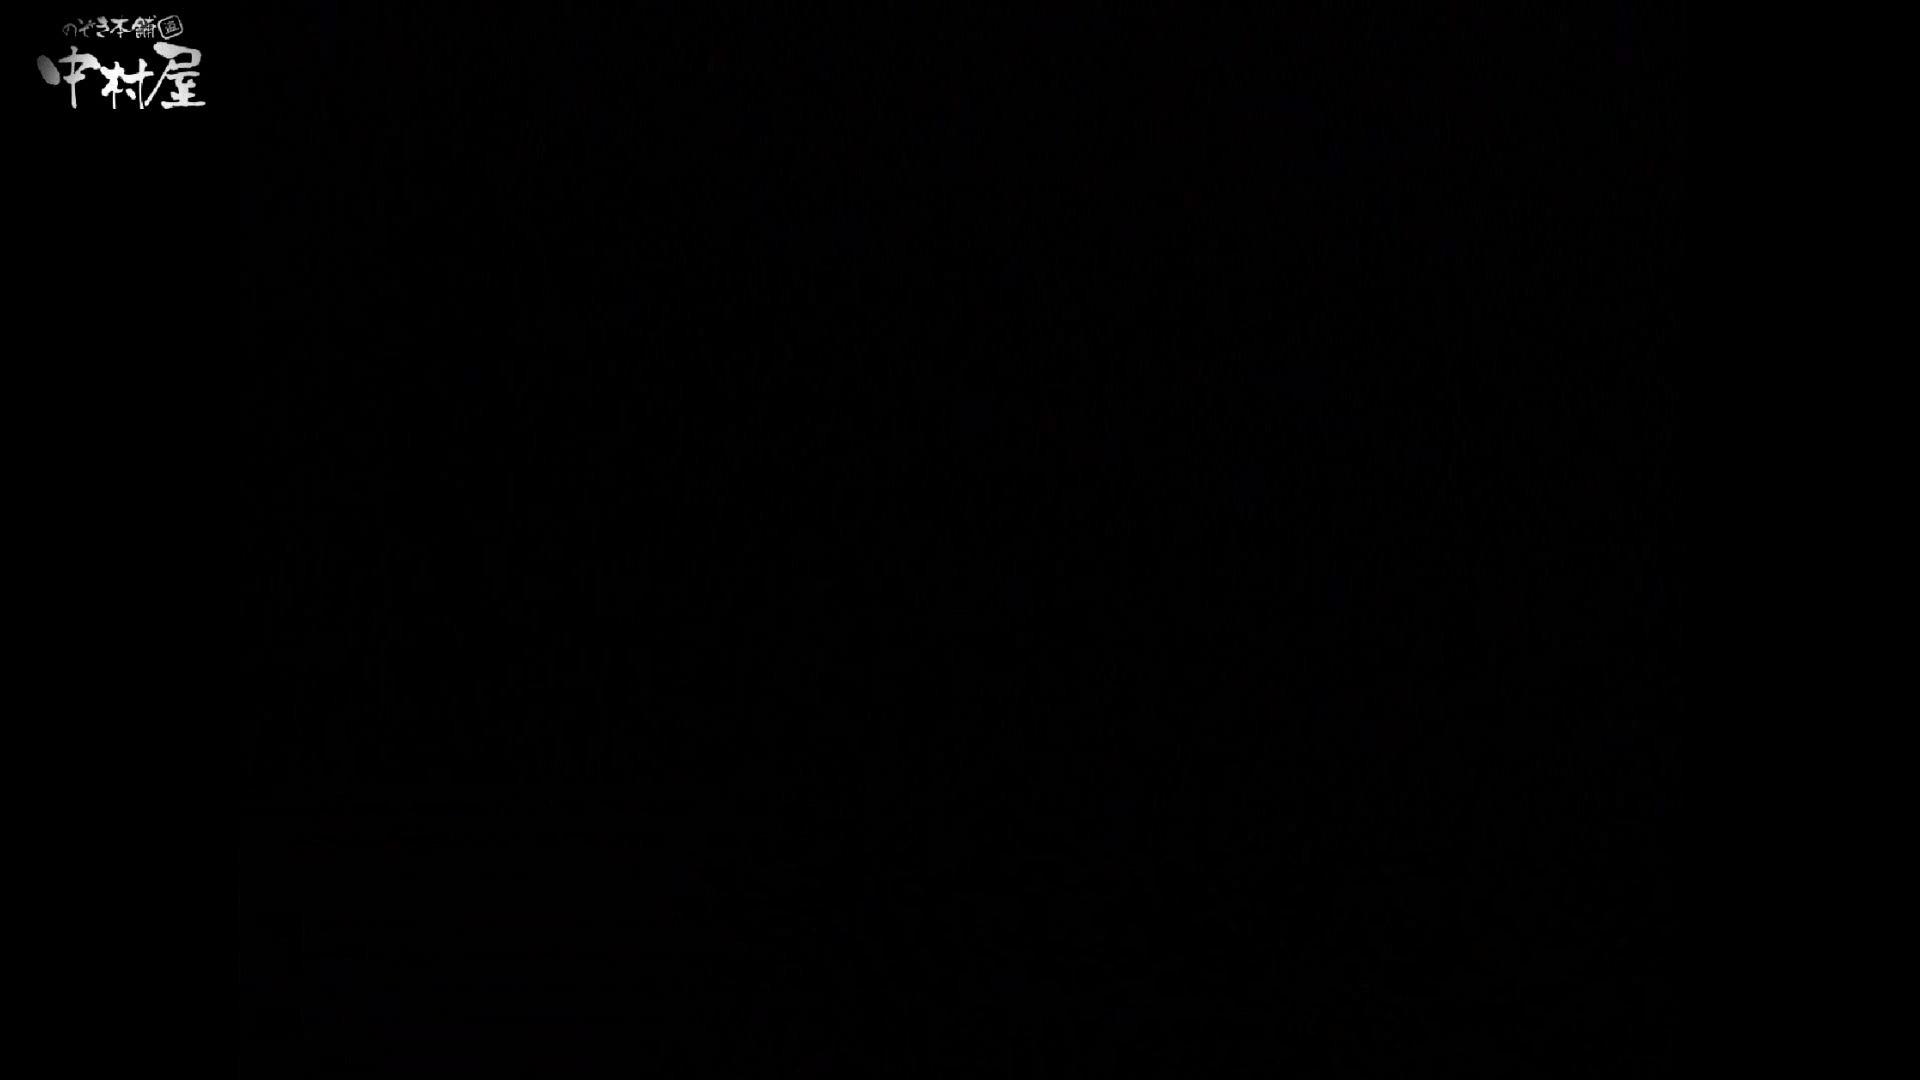 民家風呂専門盗撮師の超危険映像 vol.018 いやらしいOL AV動画キャプチャ 23連発 23